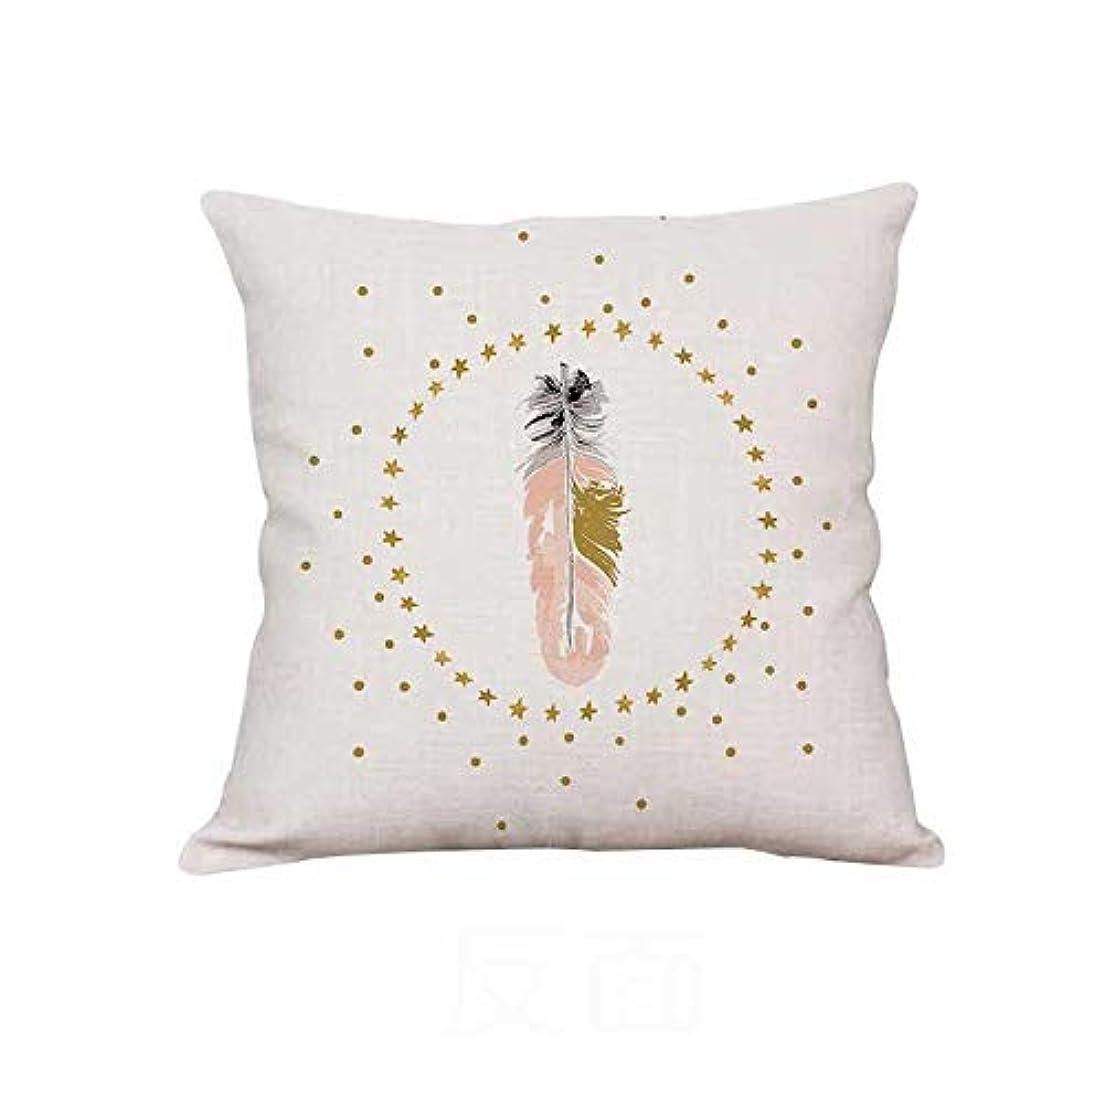 バルブ誘惑捧げるLIFE 新しいぬいぐるみピンクフラミンゴクッションガチョウの羽風船幾何北欧家の装飾ソファスロー枕用女の子ルーム装飾 クッション 椅子